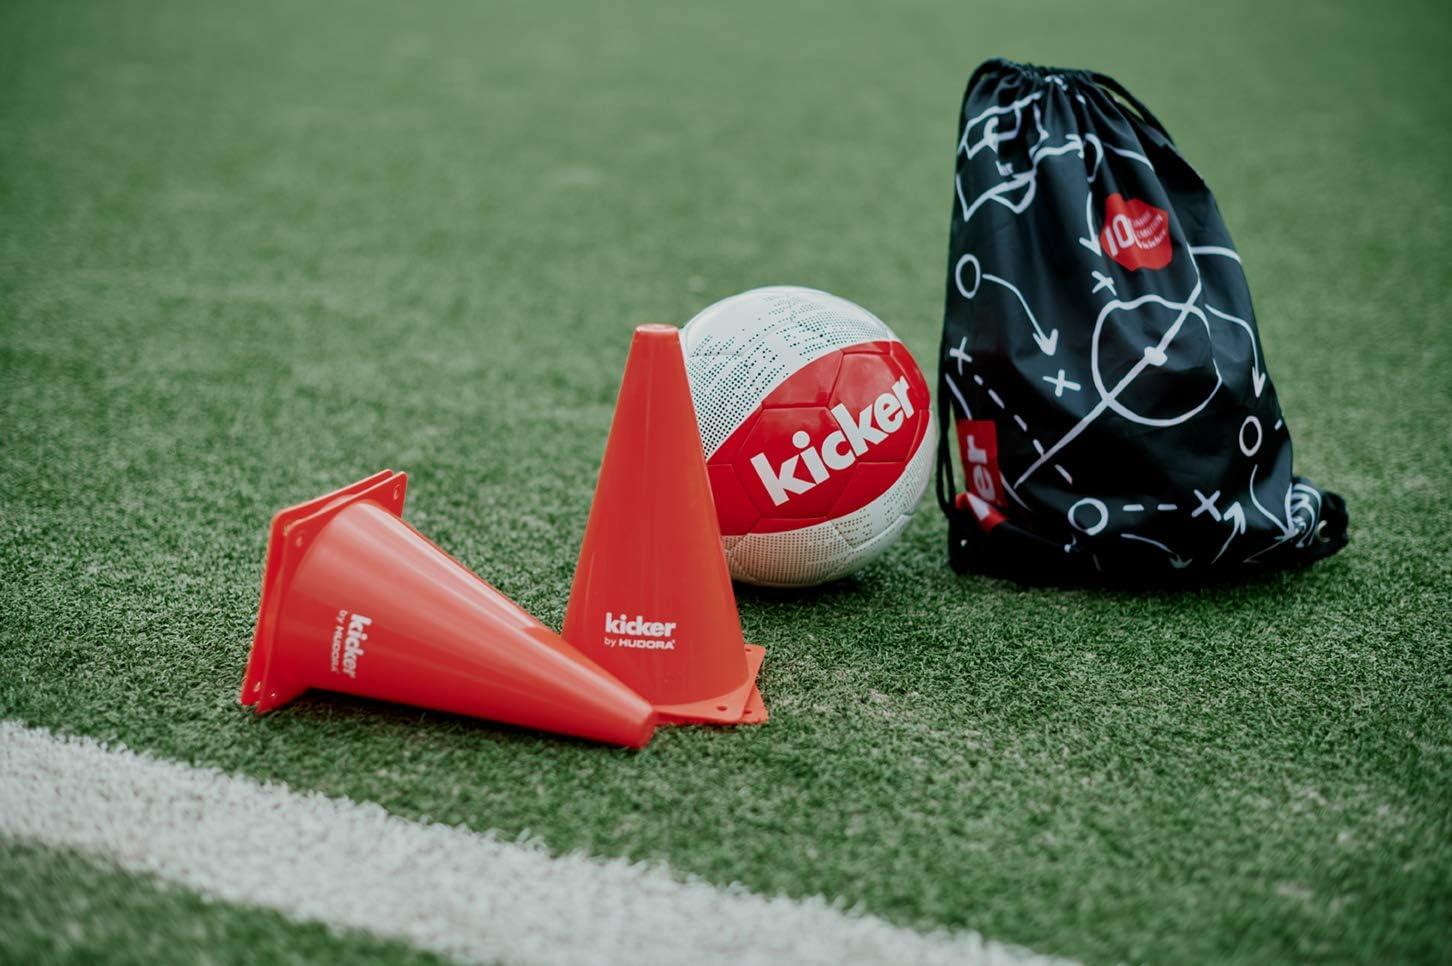 Hudora, Matchplan INKL. Fußball (Gr. 5), Ballnadel, Gym-Bag & 4 ...